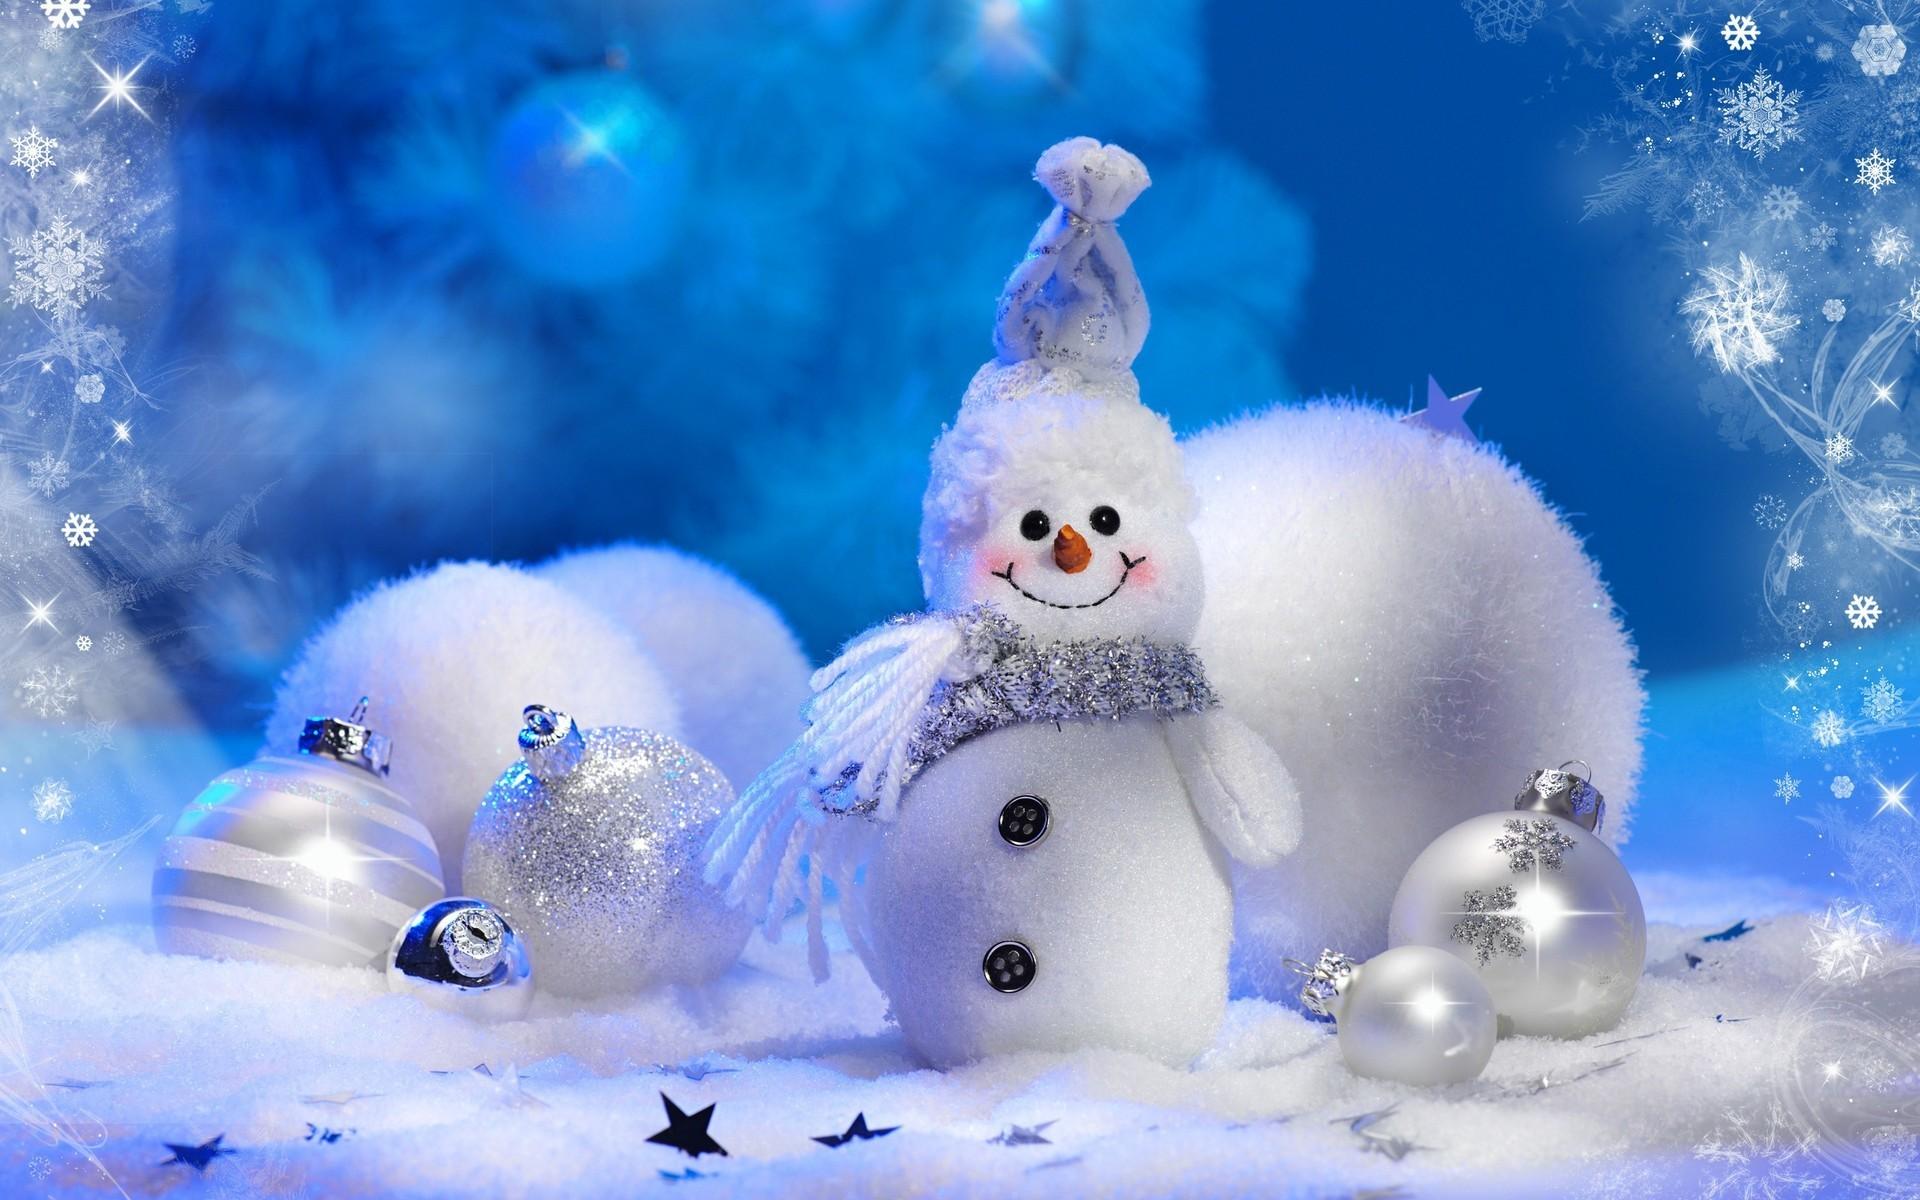 Snow Scenes Wallpaper 54 Pictures